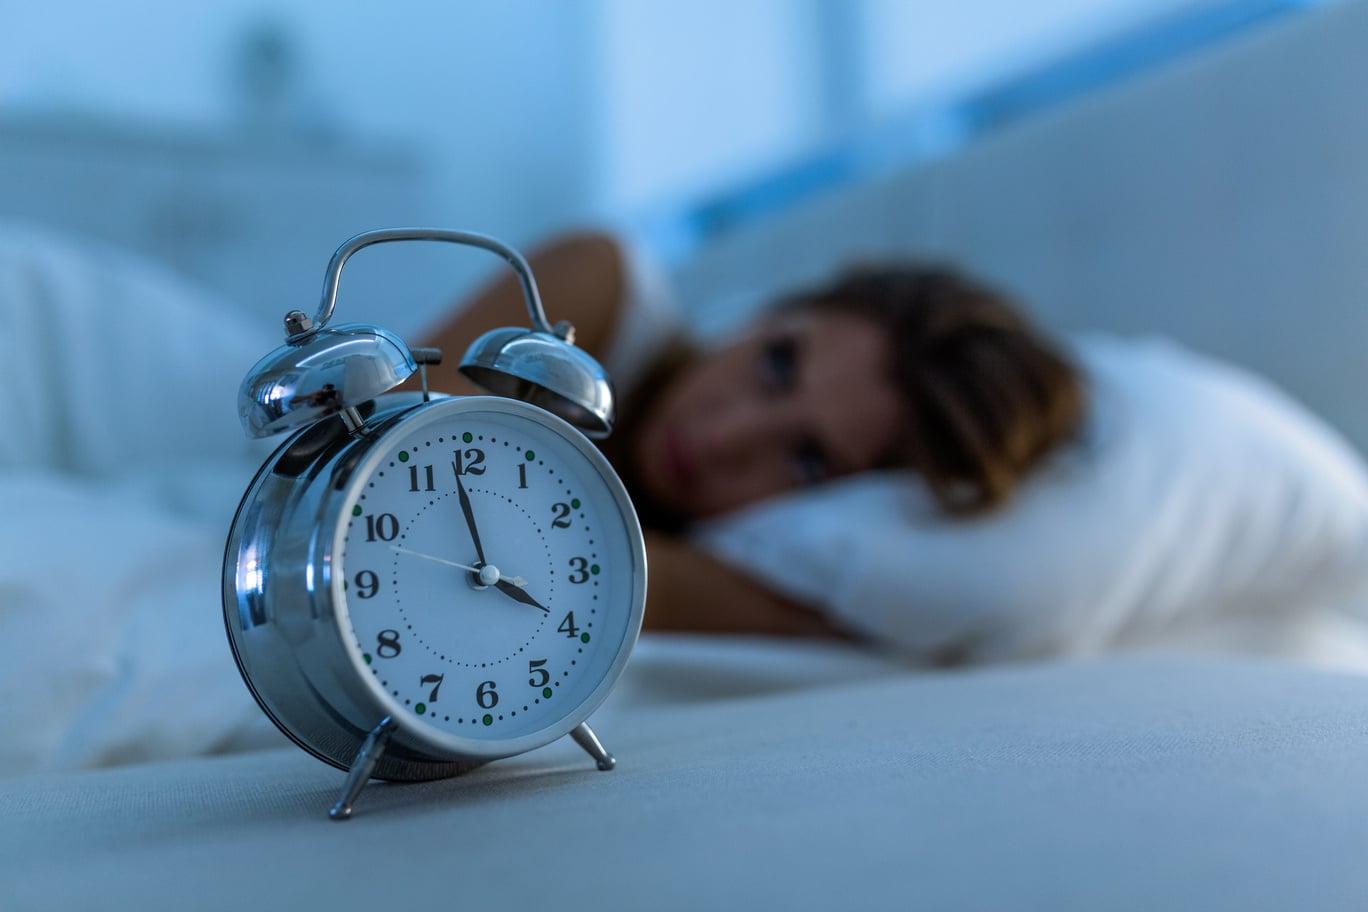 Is There a Link Between Insomnia & Sleep Apnea?